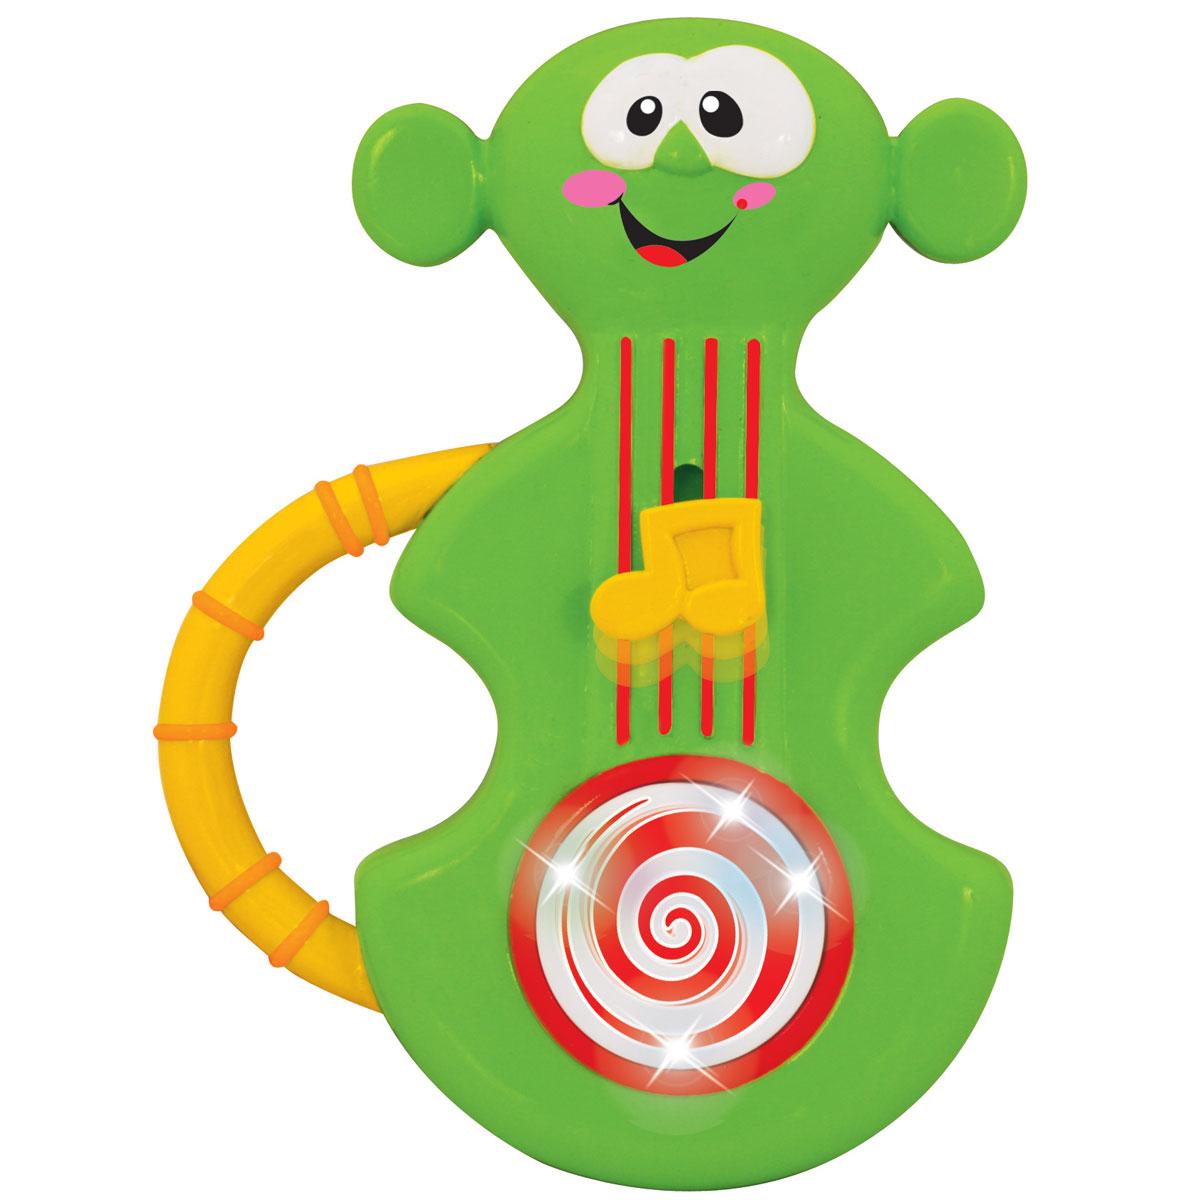 Kiddieland Развивающая игрушка Моя первая скрипкаKID 045831Развивающая игрушка Kiddieland Моя первая скрипка со звуковыми и световыми эффектами обязательно понравится юному музыканту. Скрипка выполнена в виде живого существа с симпатичным личиком. Малыш услышит приятные мелодии, а животик игрушки будет крутиться и светиться. Скрипку удобно держать в маленьких детских ручках. Игрушка способствует развитию мелкой моторики, слухового и зрительного восприятия. Рекомендуемый возраст: от 12 месяцев. Питание: 2 батарейки типа АА (входят в комплект).